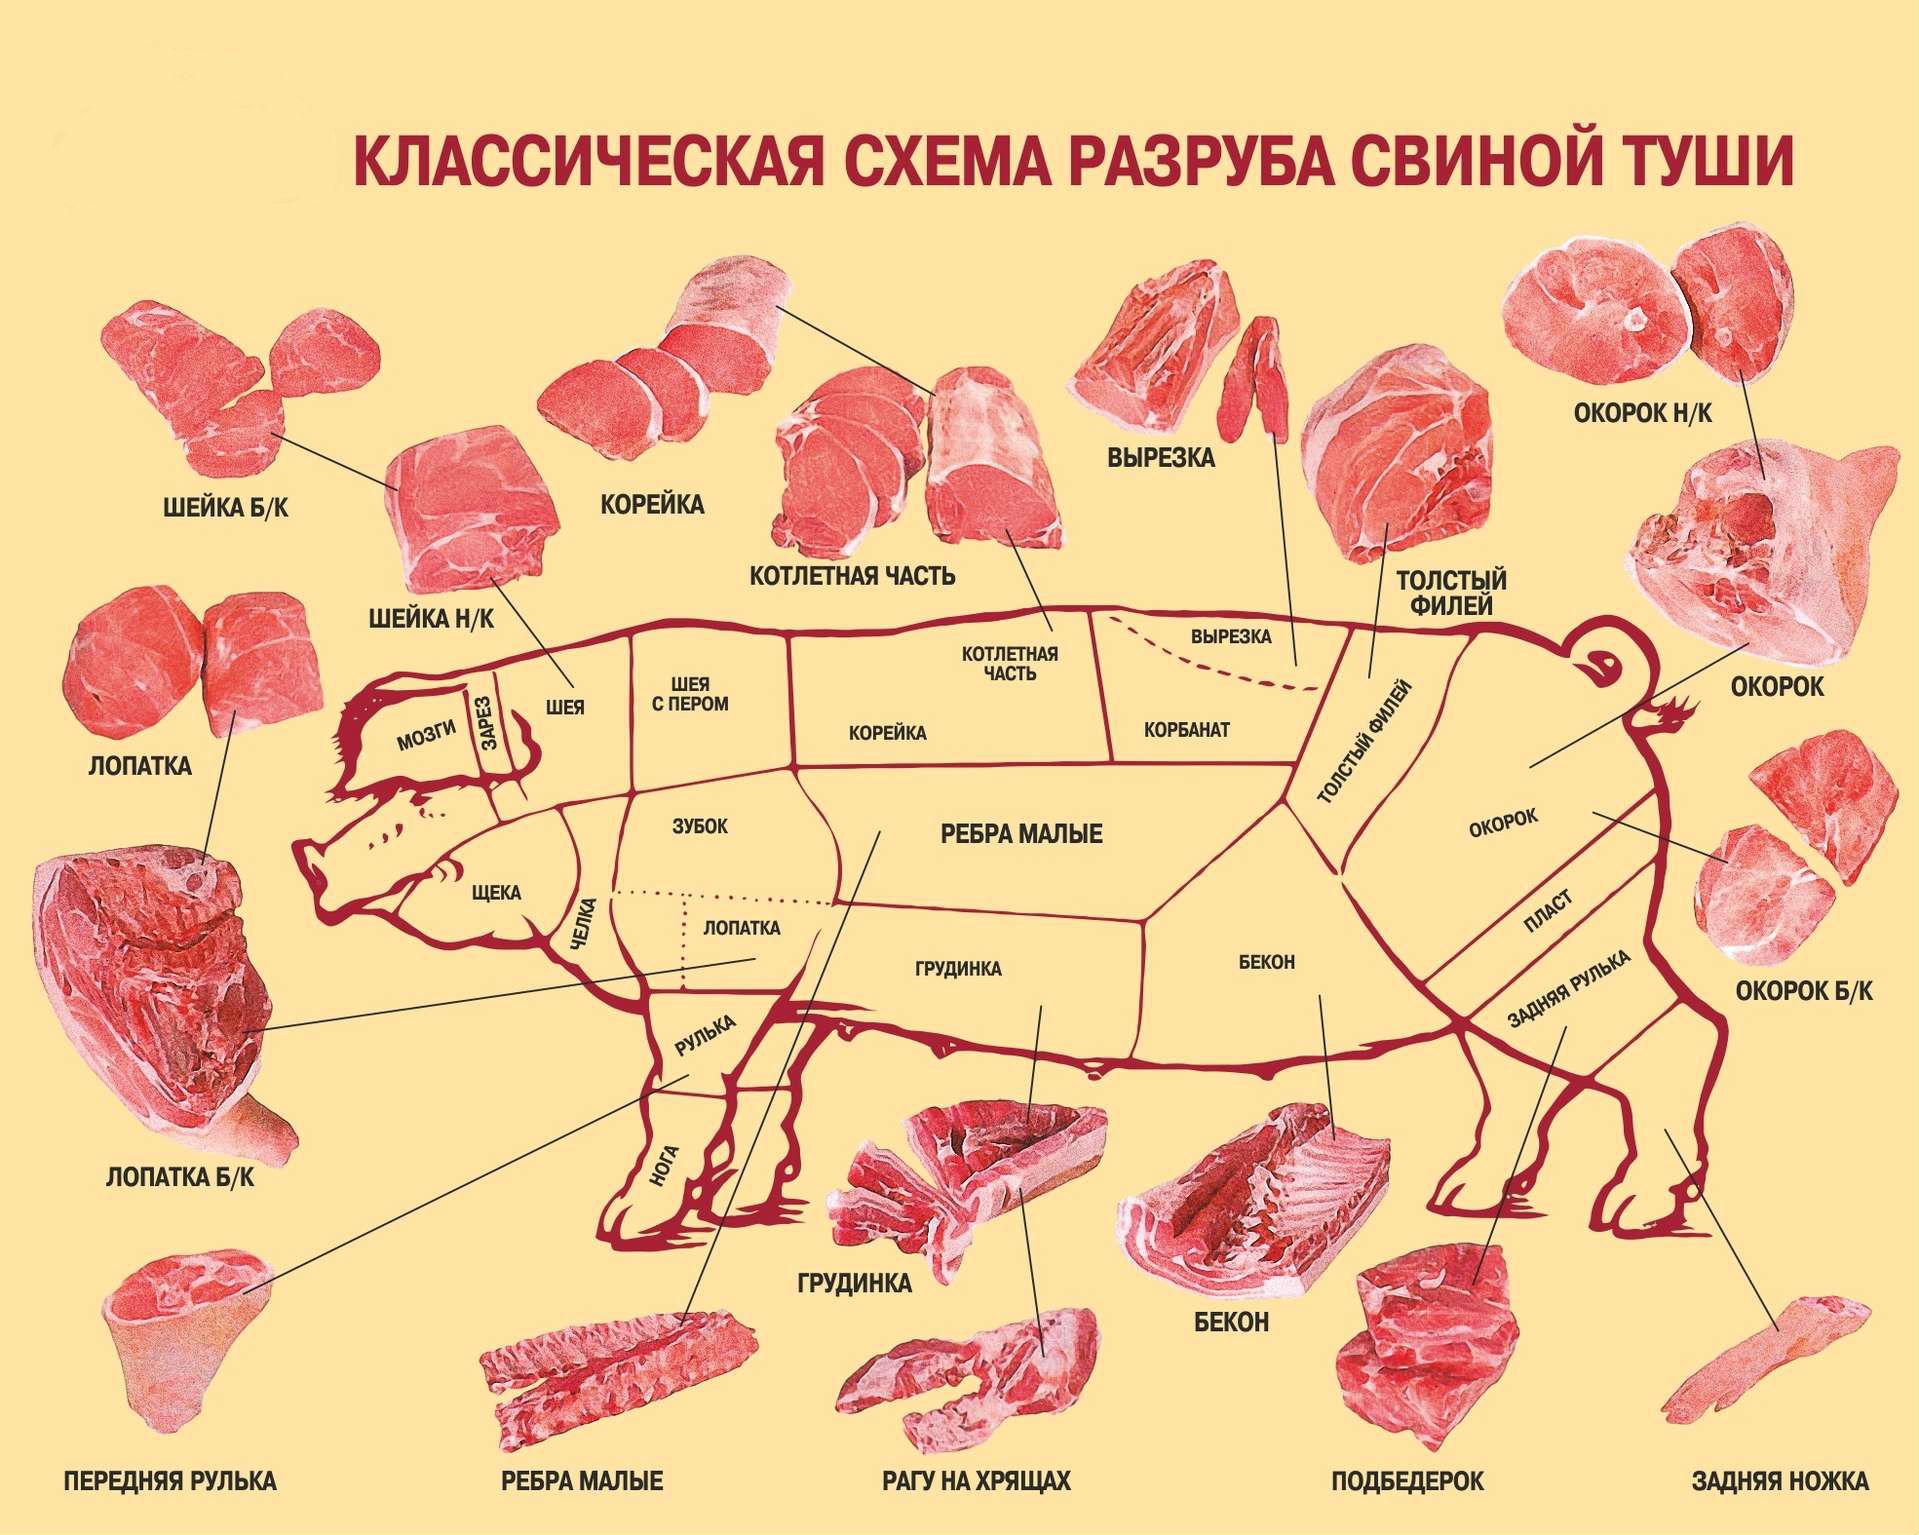 Разруб свиной туши по классической схеме